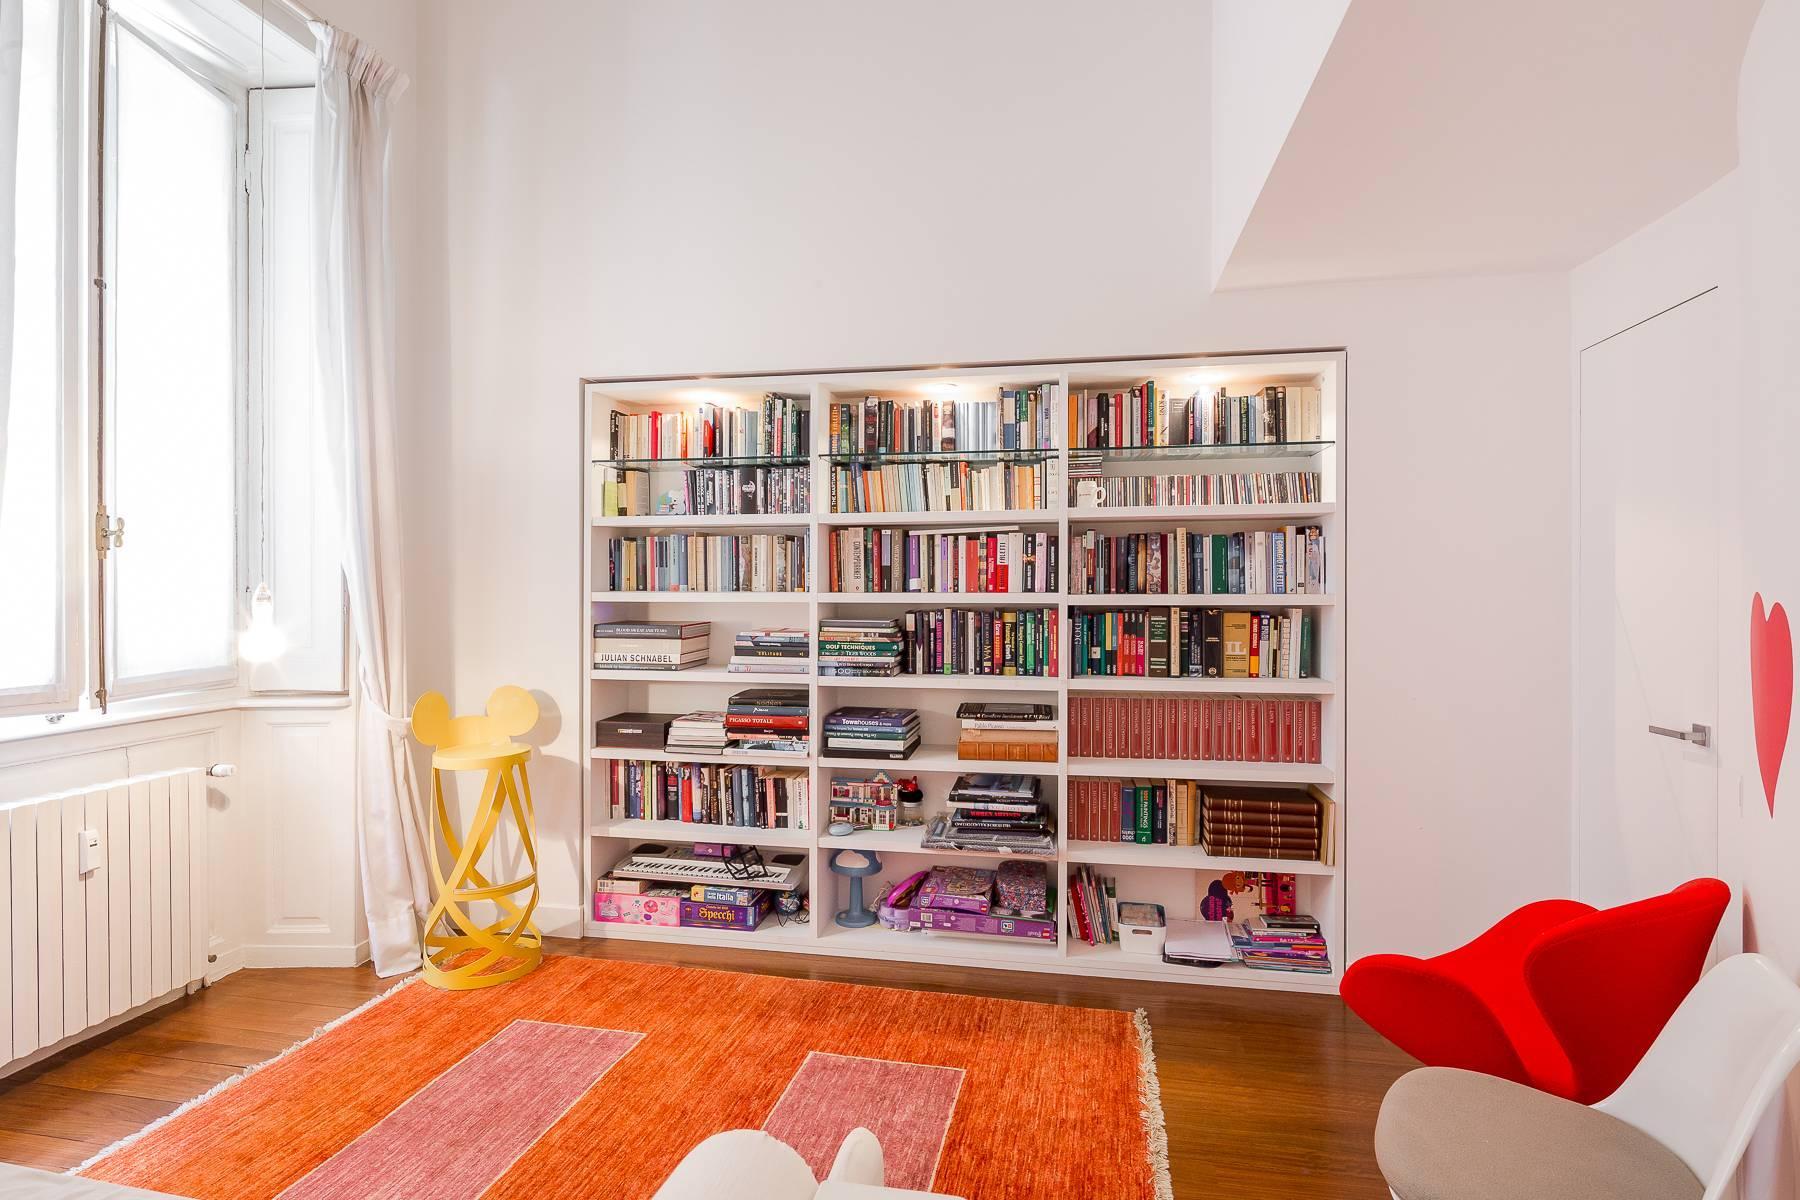 位于布雷拉区Via Montebello与De Marchi交汇处的公寓/复式 - 17